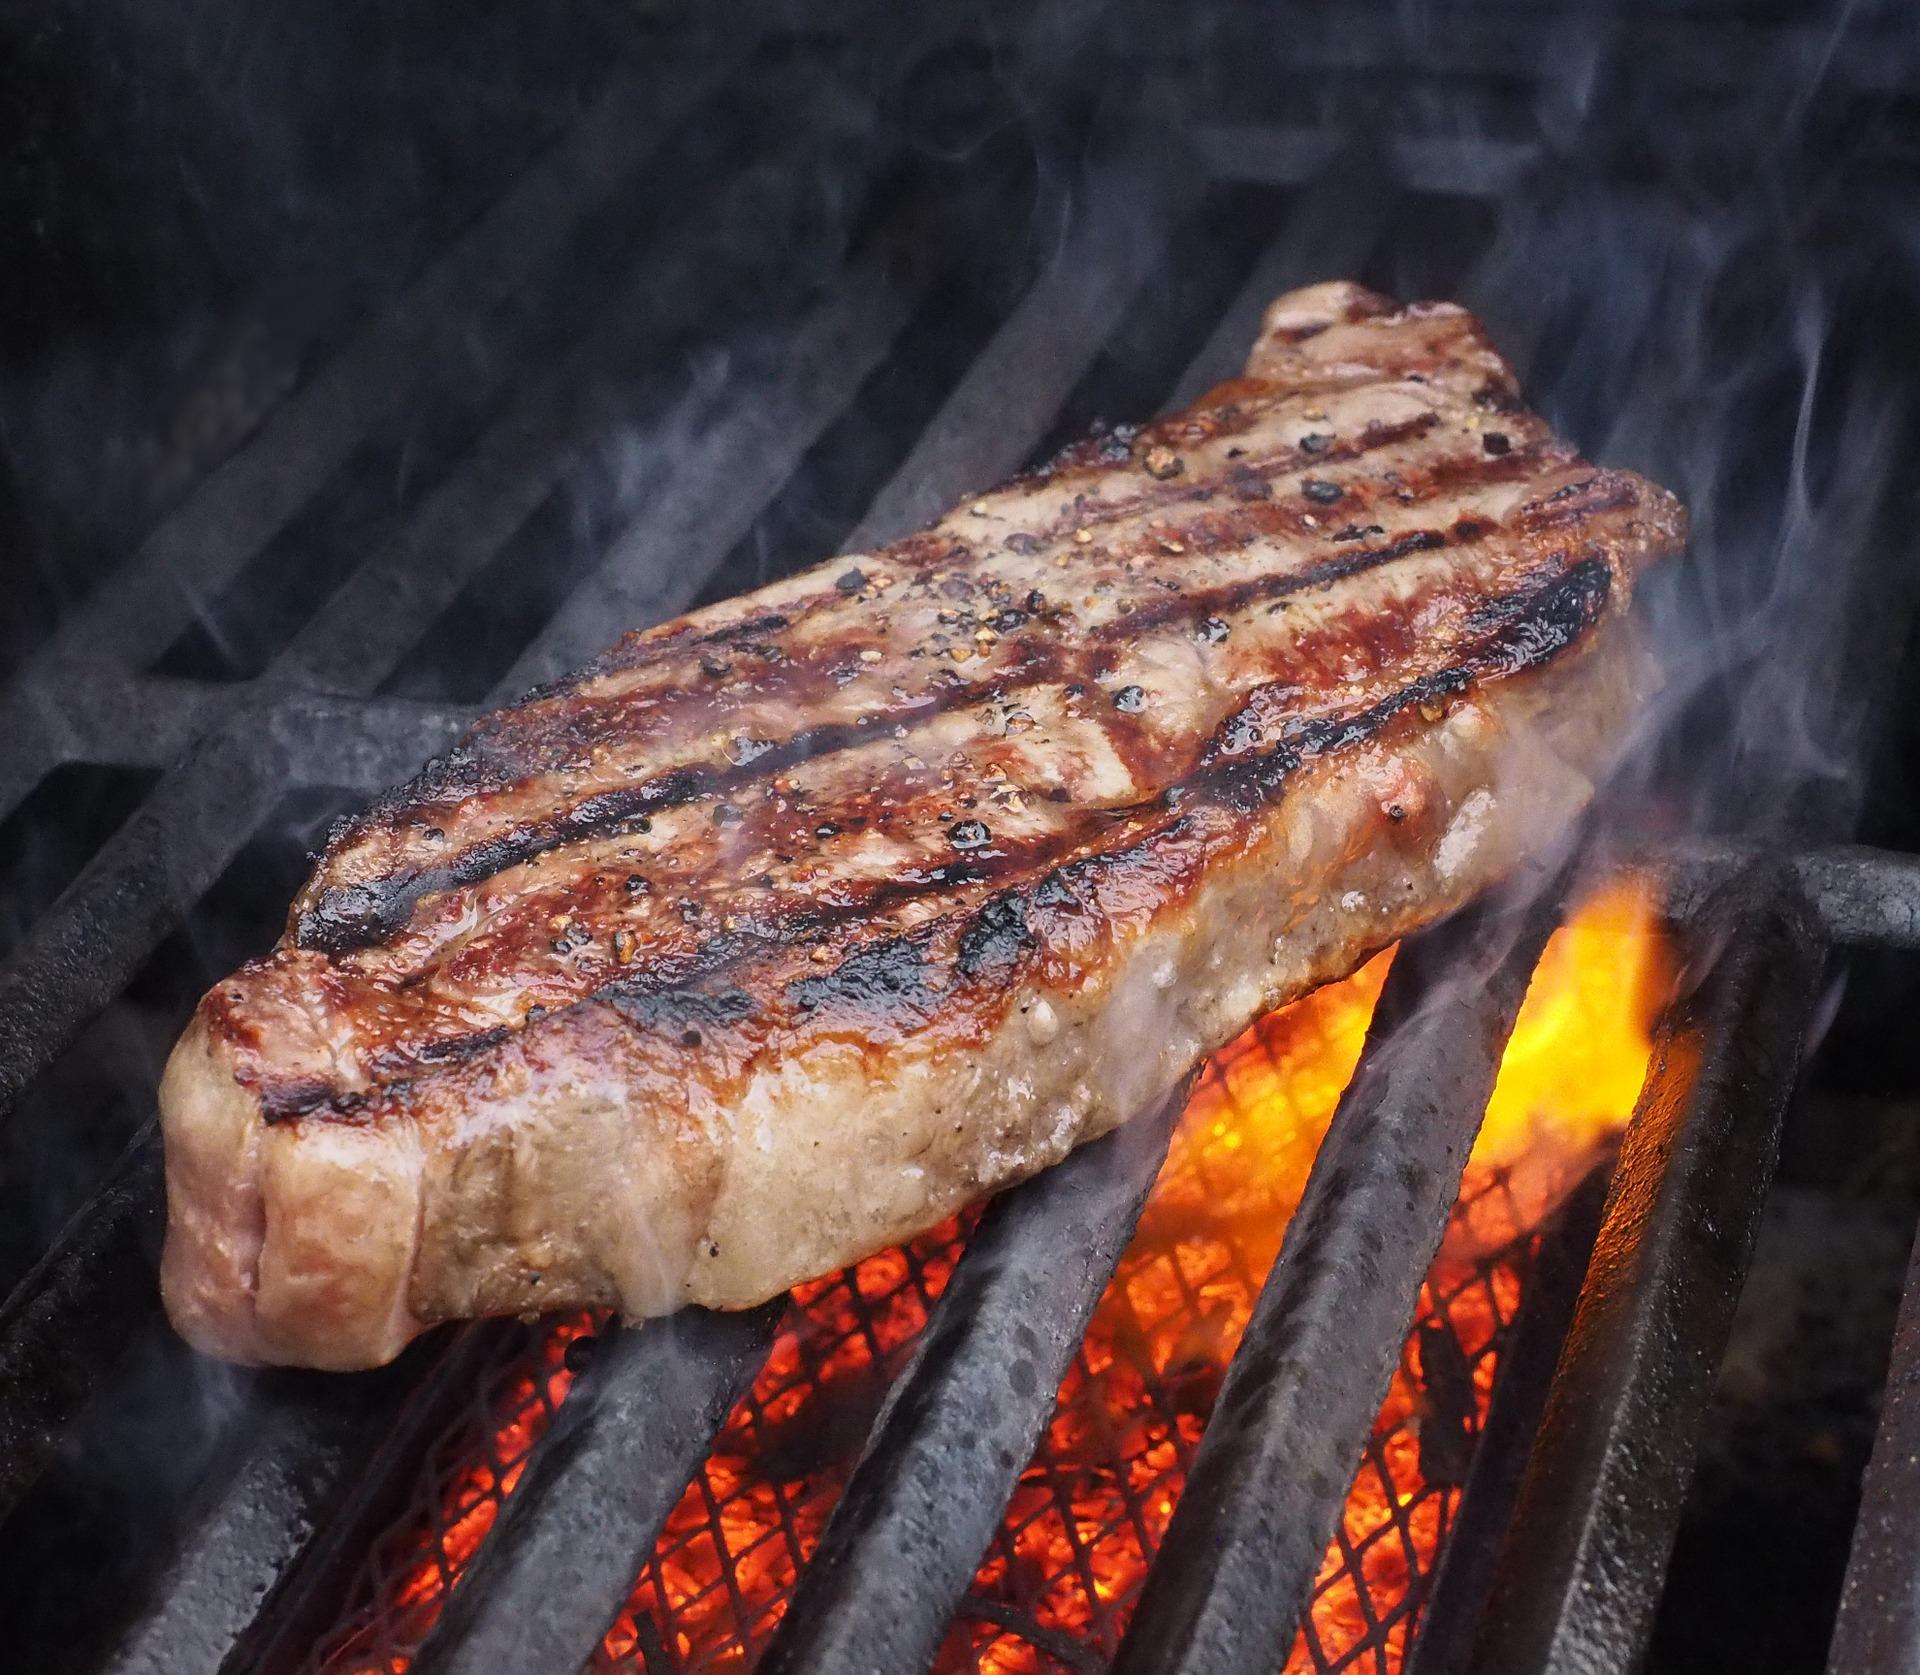 La cuisson de la viande sur le barbecue